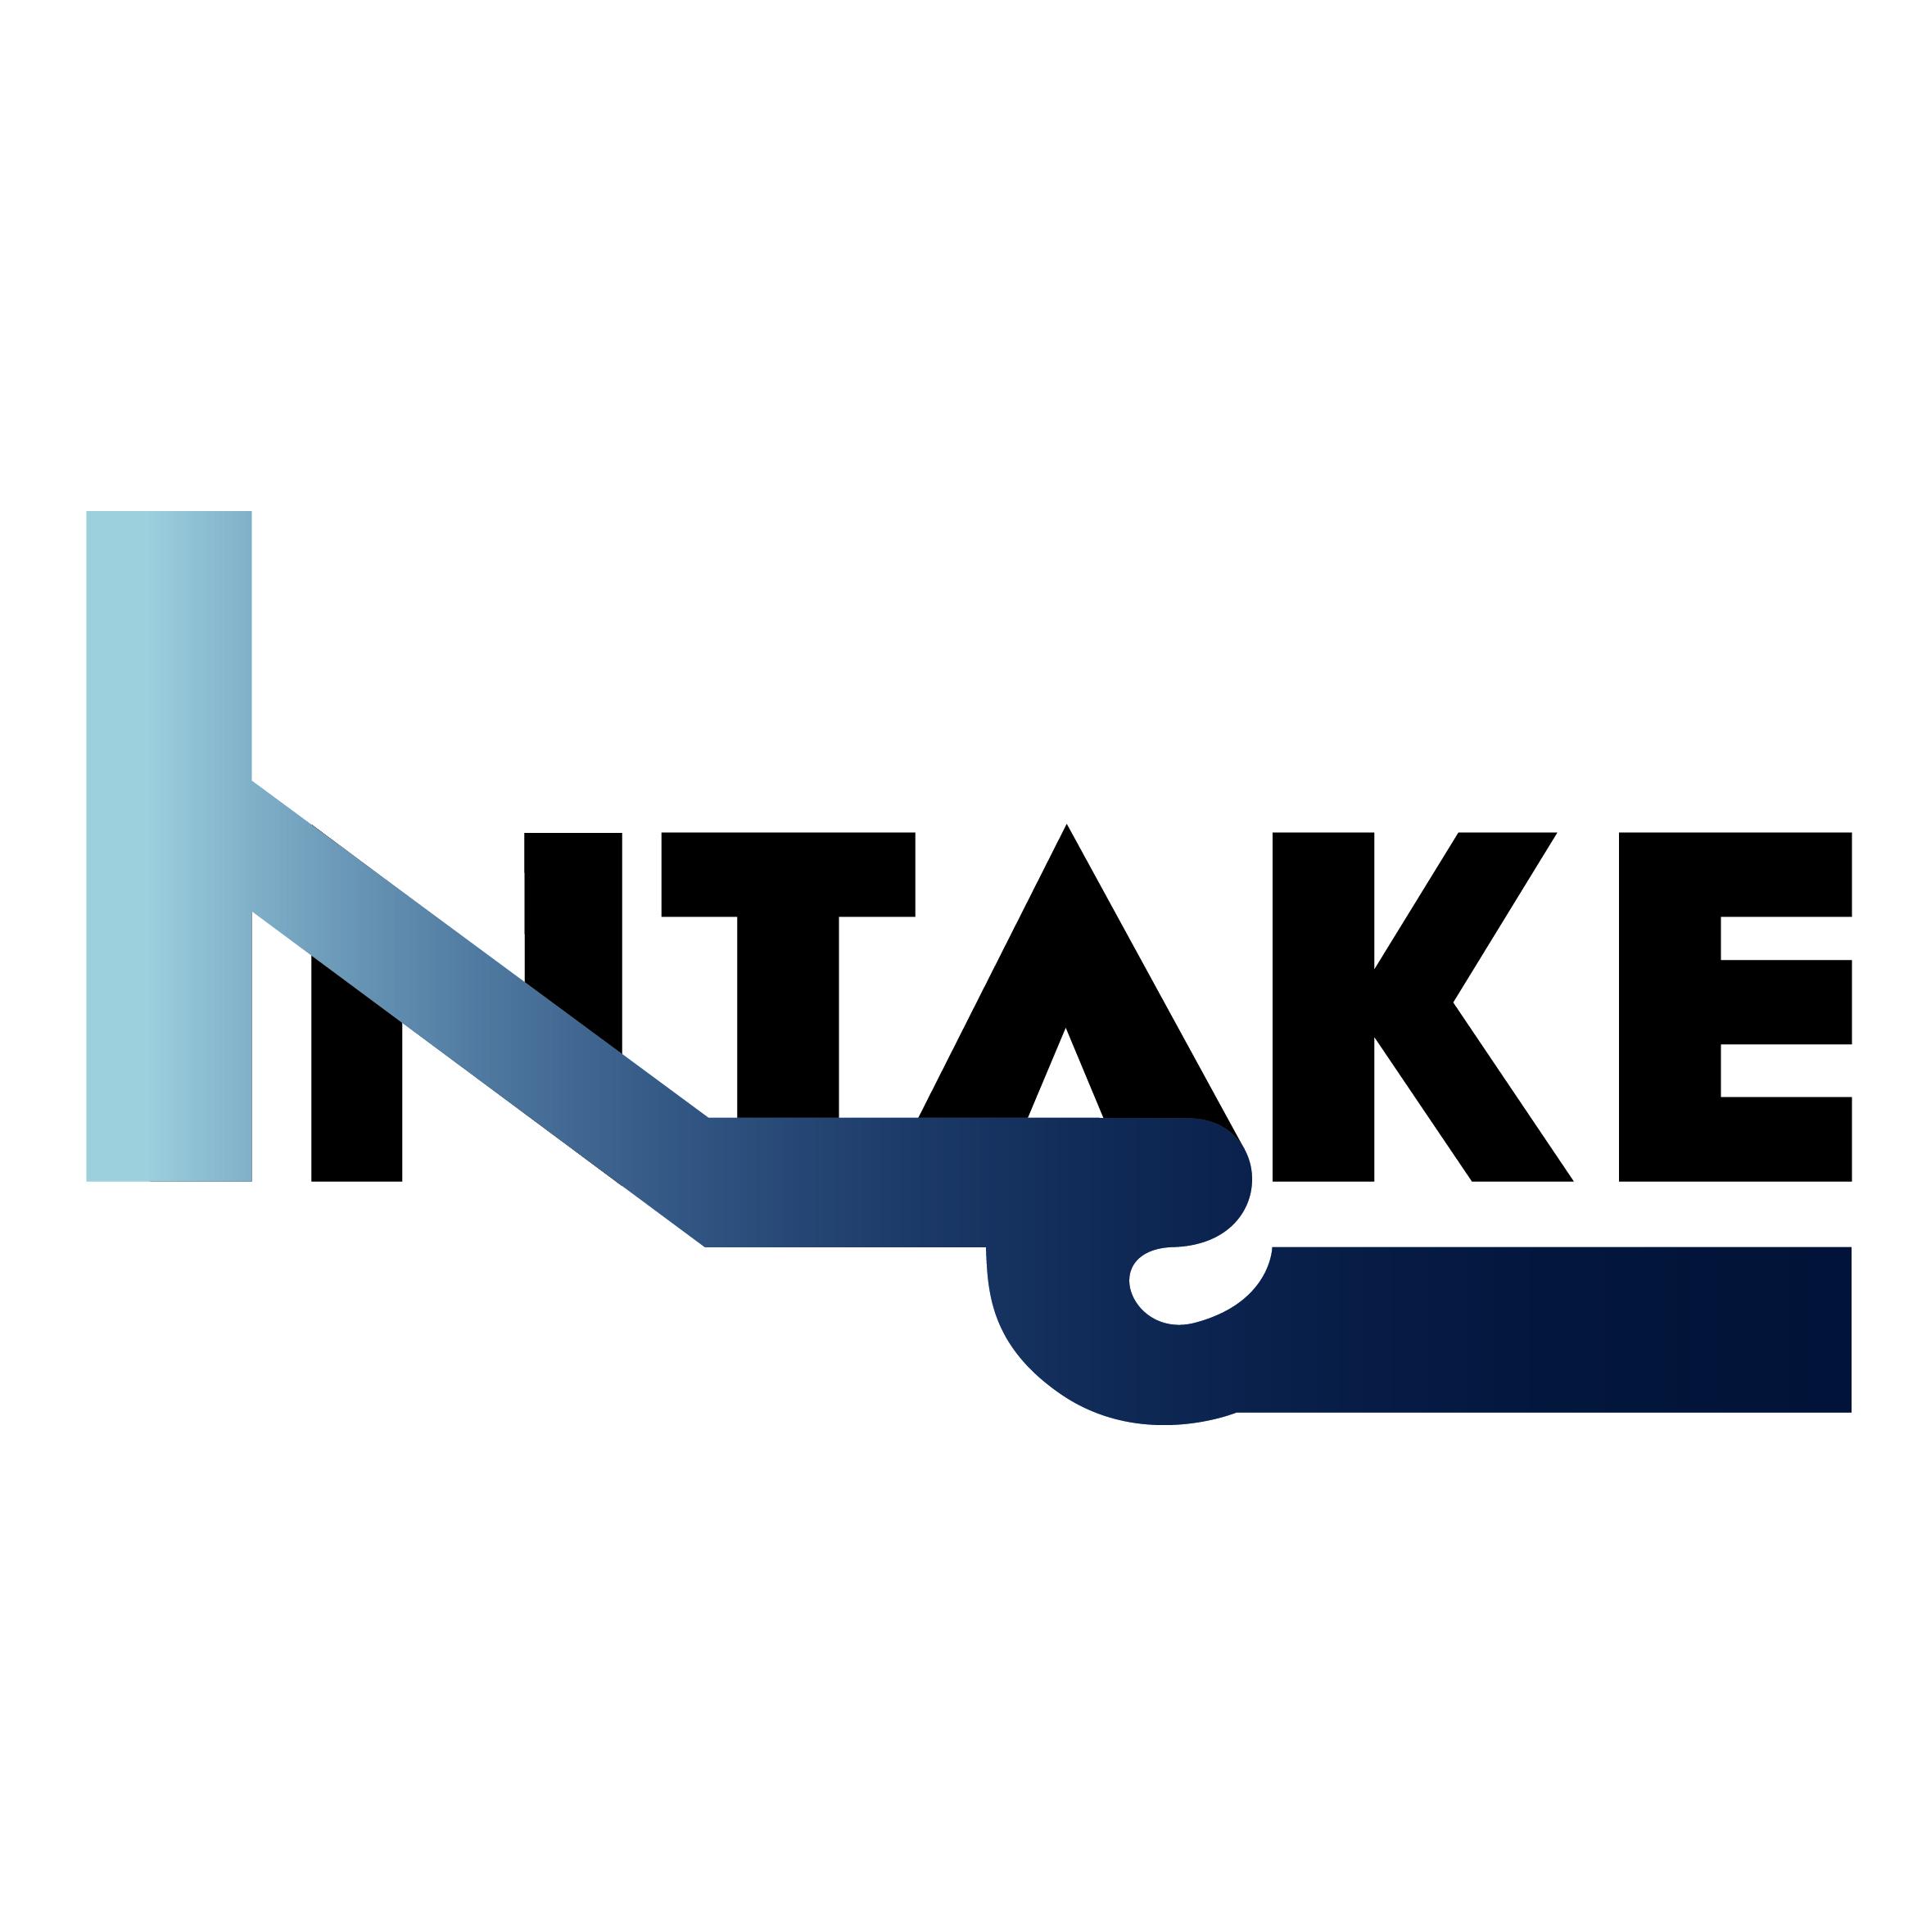 Intake-04